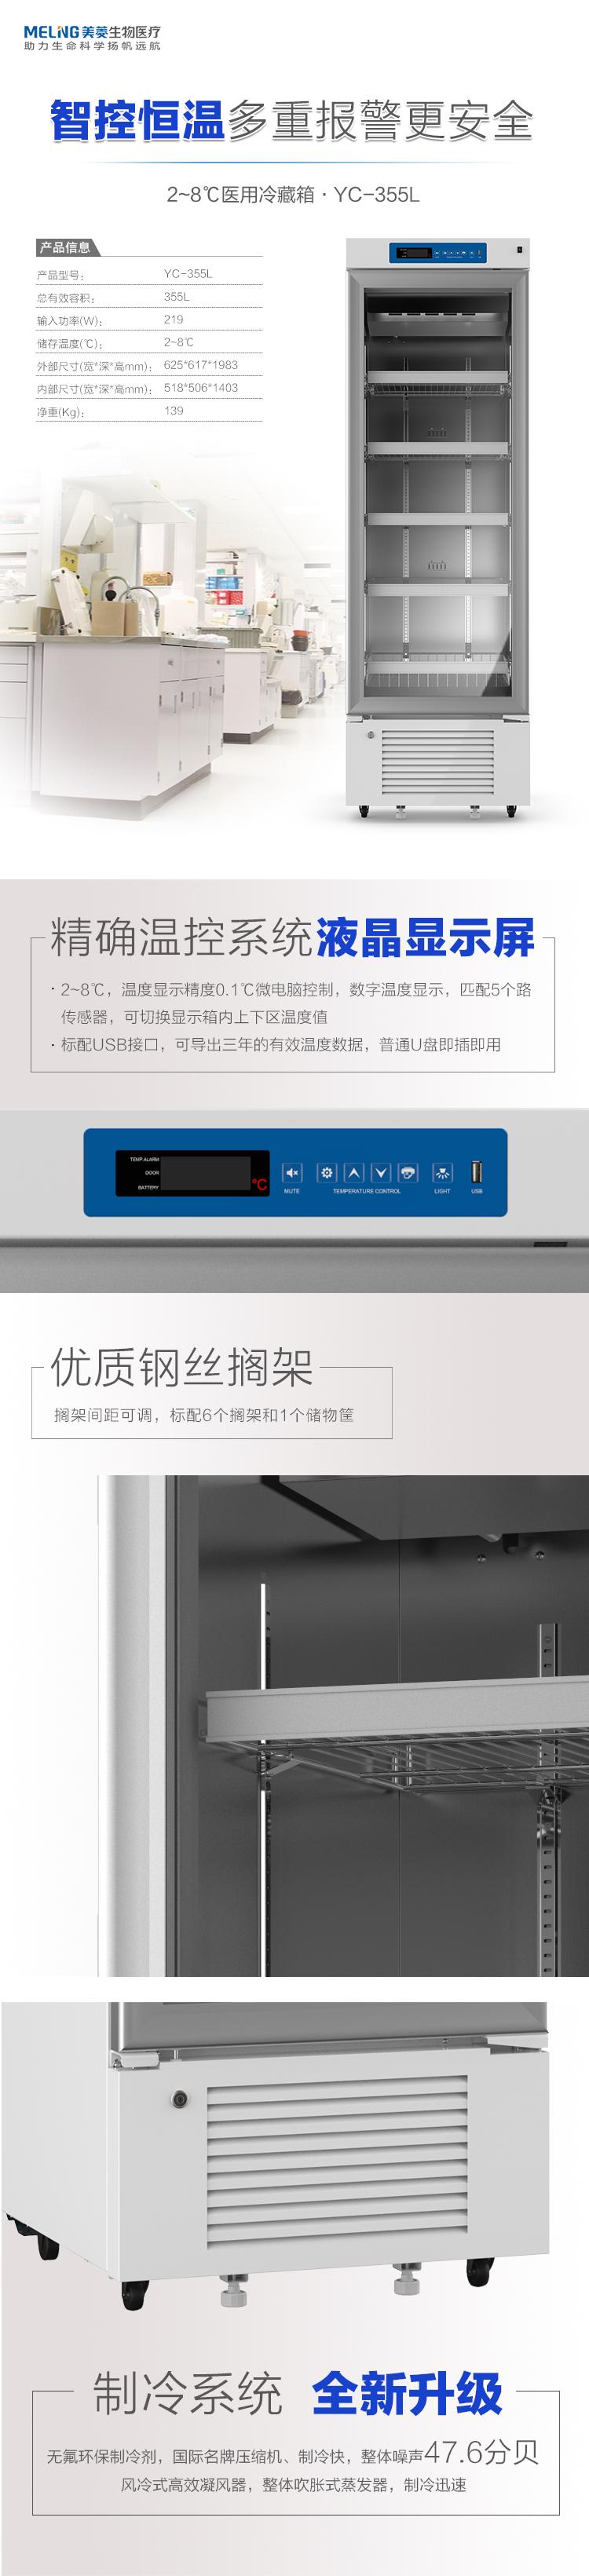 美菱医用冷藏箱YC-355L